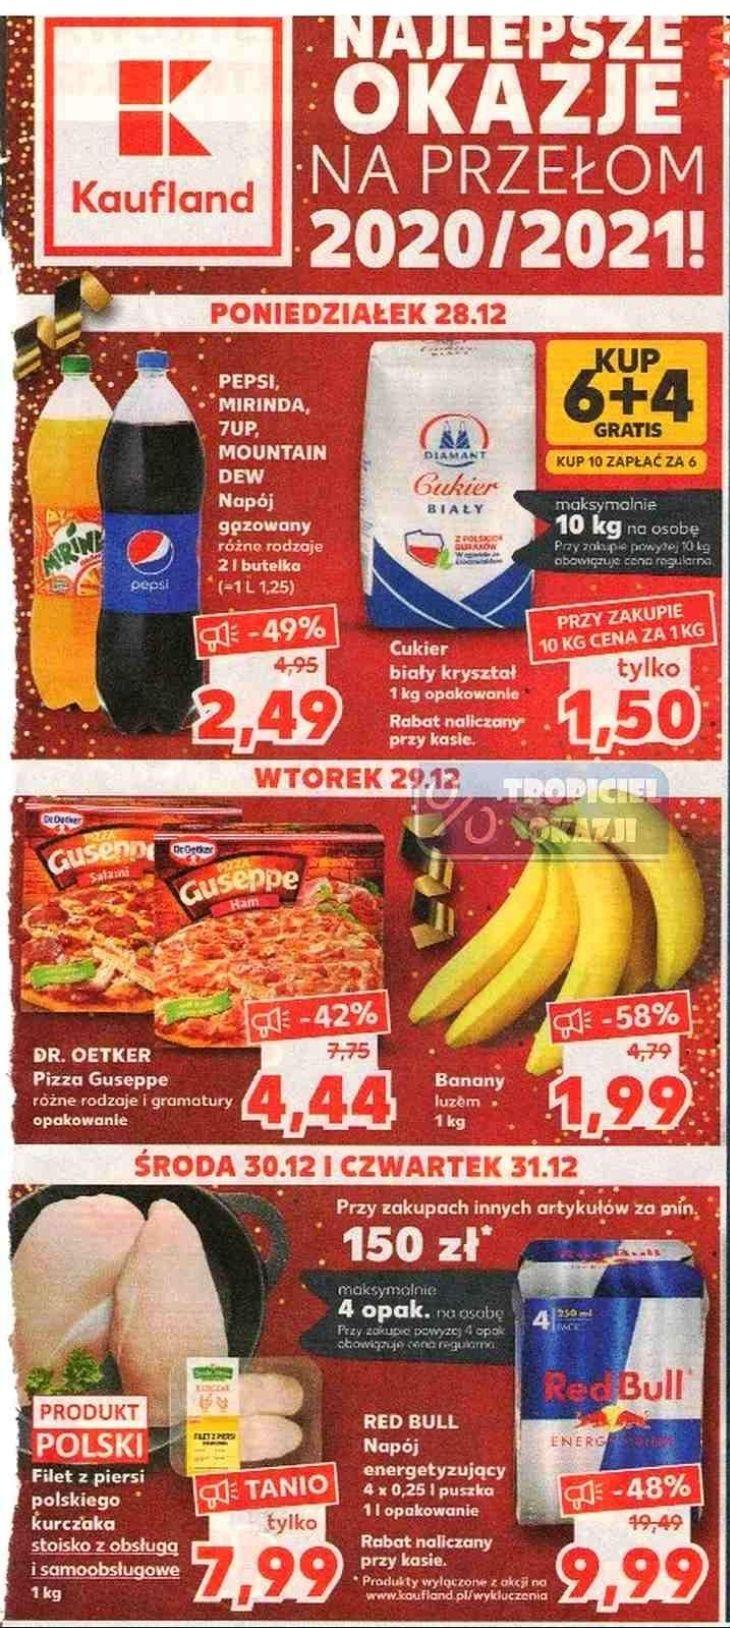 Oferta zbiorcza w Kauflandzie: w poniedziałek Pepsi 2,49 zł/2l, wtorek banany 1,99 zł/kg, środa filet z piersi kurczaka 7,99 zł/kg oraz inne